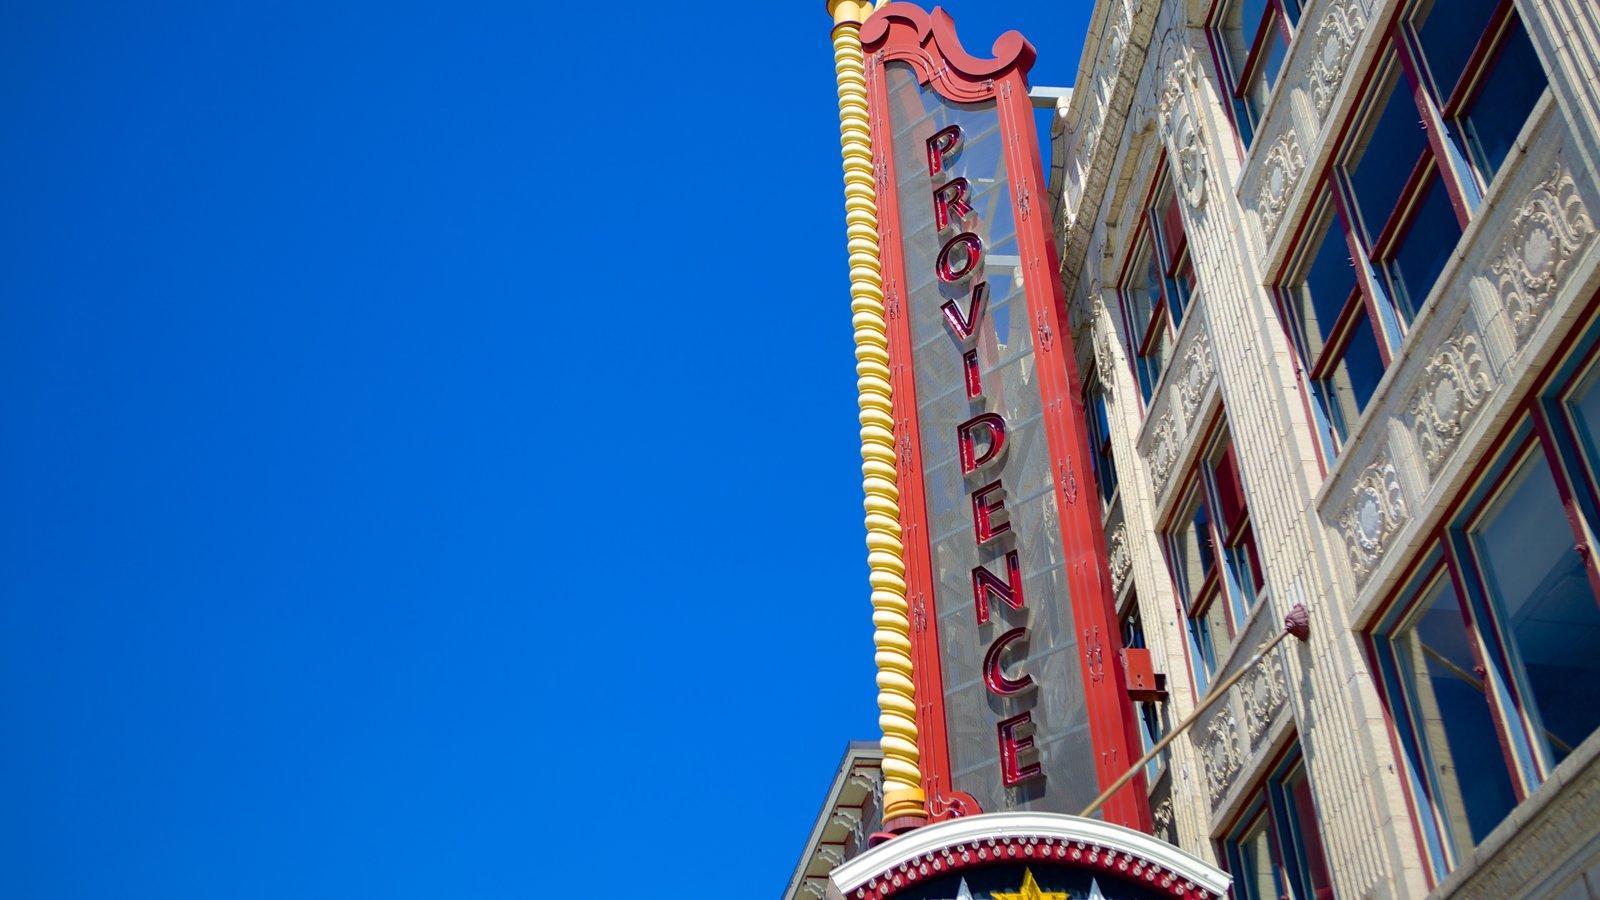 Providence Performing Arts Center ofreciendo señalización